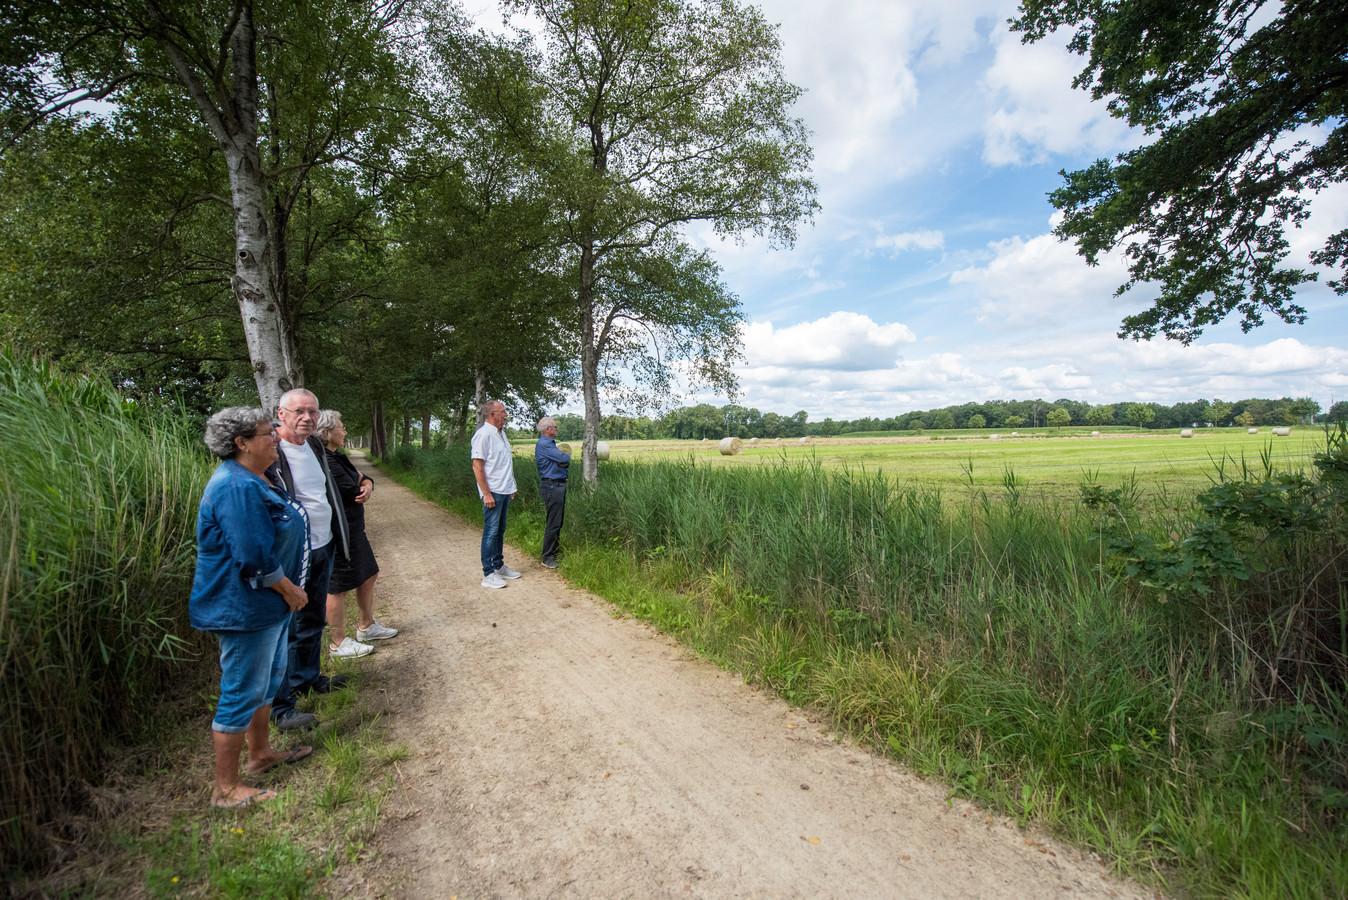 De buurt en leden van erfgoedclub SBEO bij de plek ten zuiden van de A58 waar in eerste instantie een hoogspanningstation was gepland.